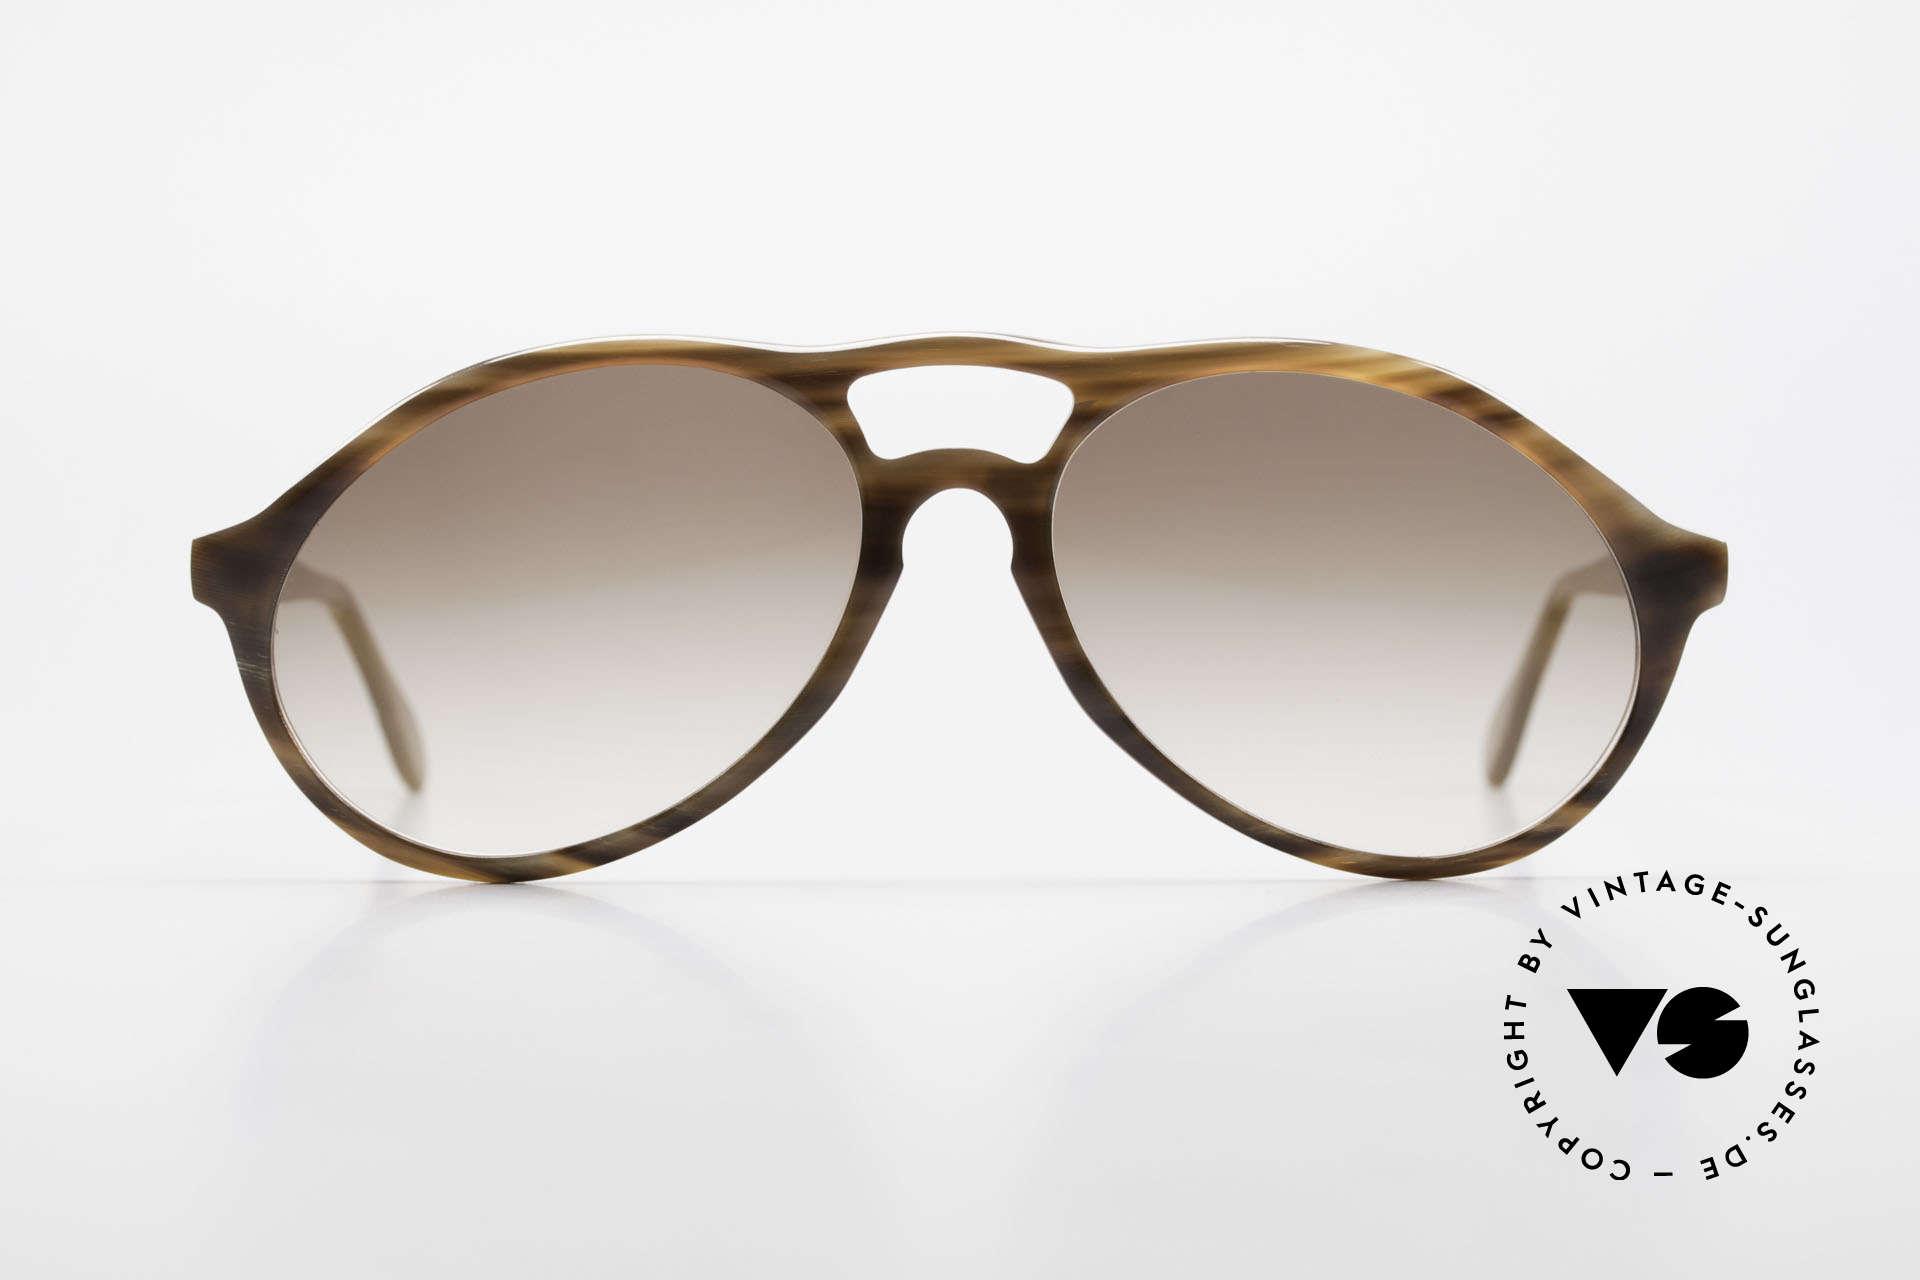 Bugatti 64852 Echt Büffelhorn Brille Vintage, kostbare vintage BUGATTI Sonnenbrille in Größe 54-16, Passend für Herren